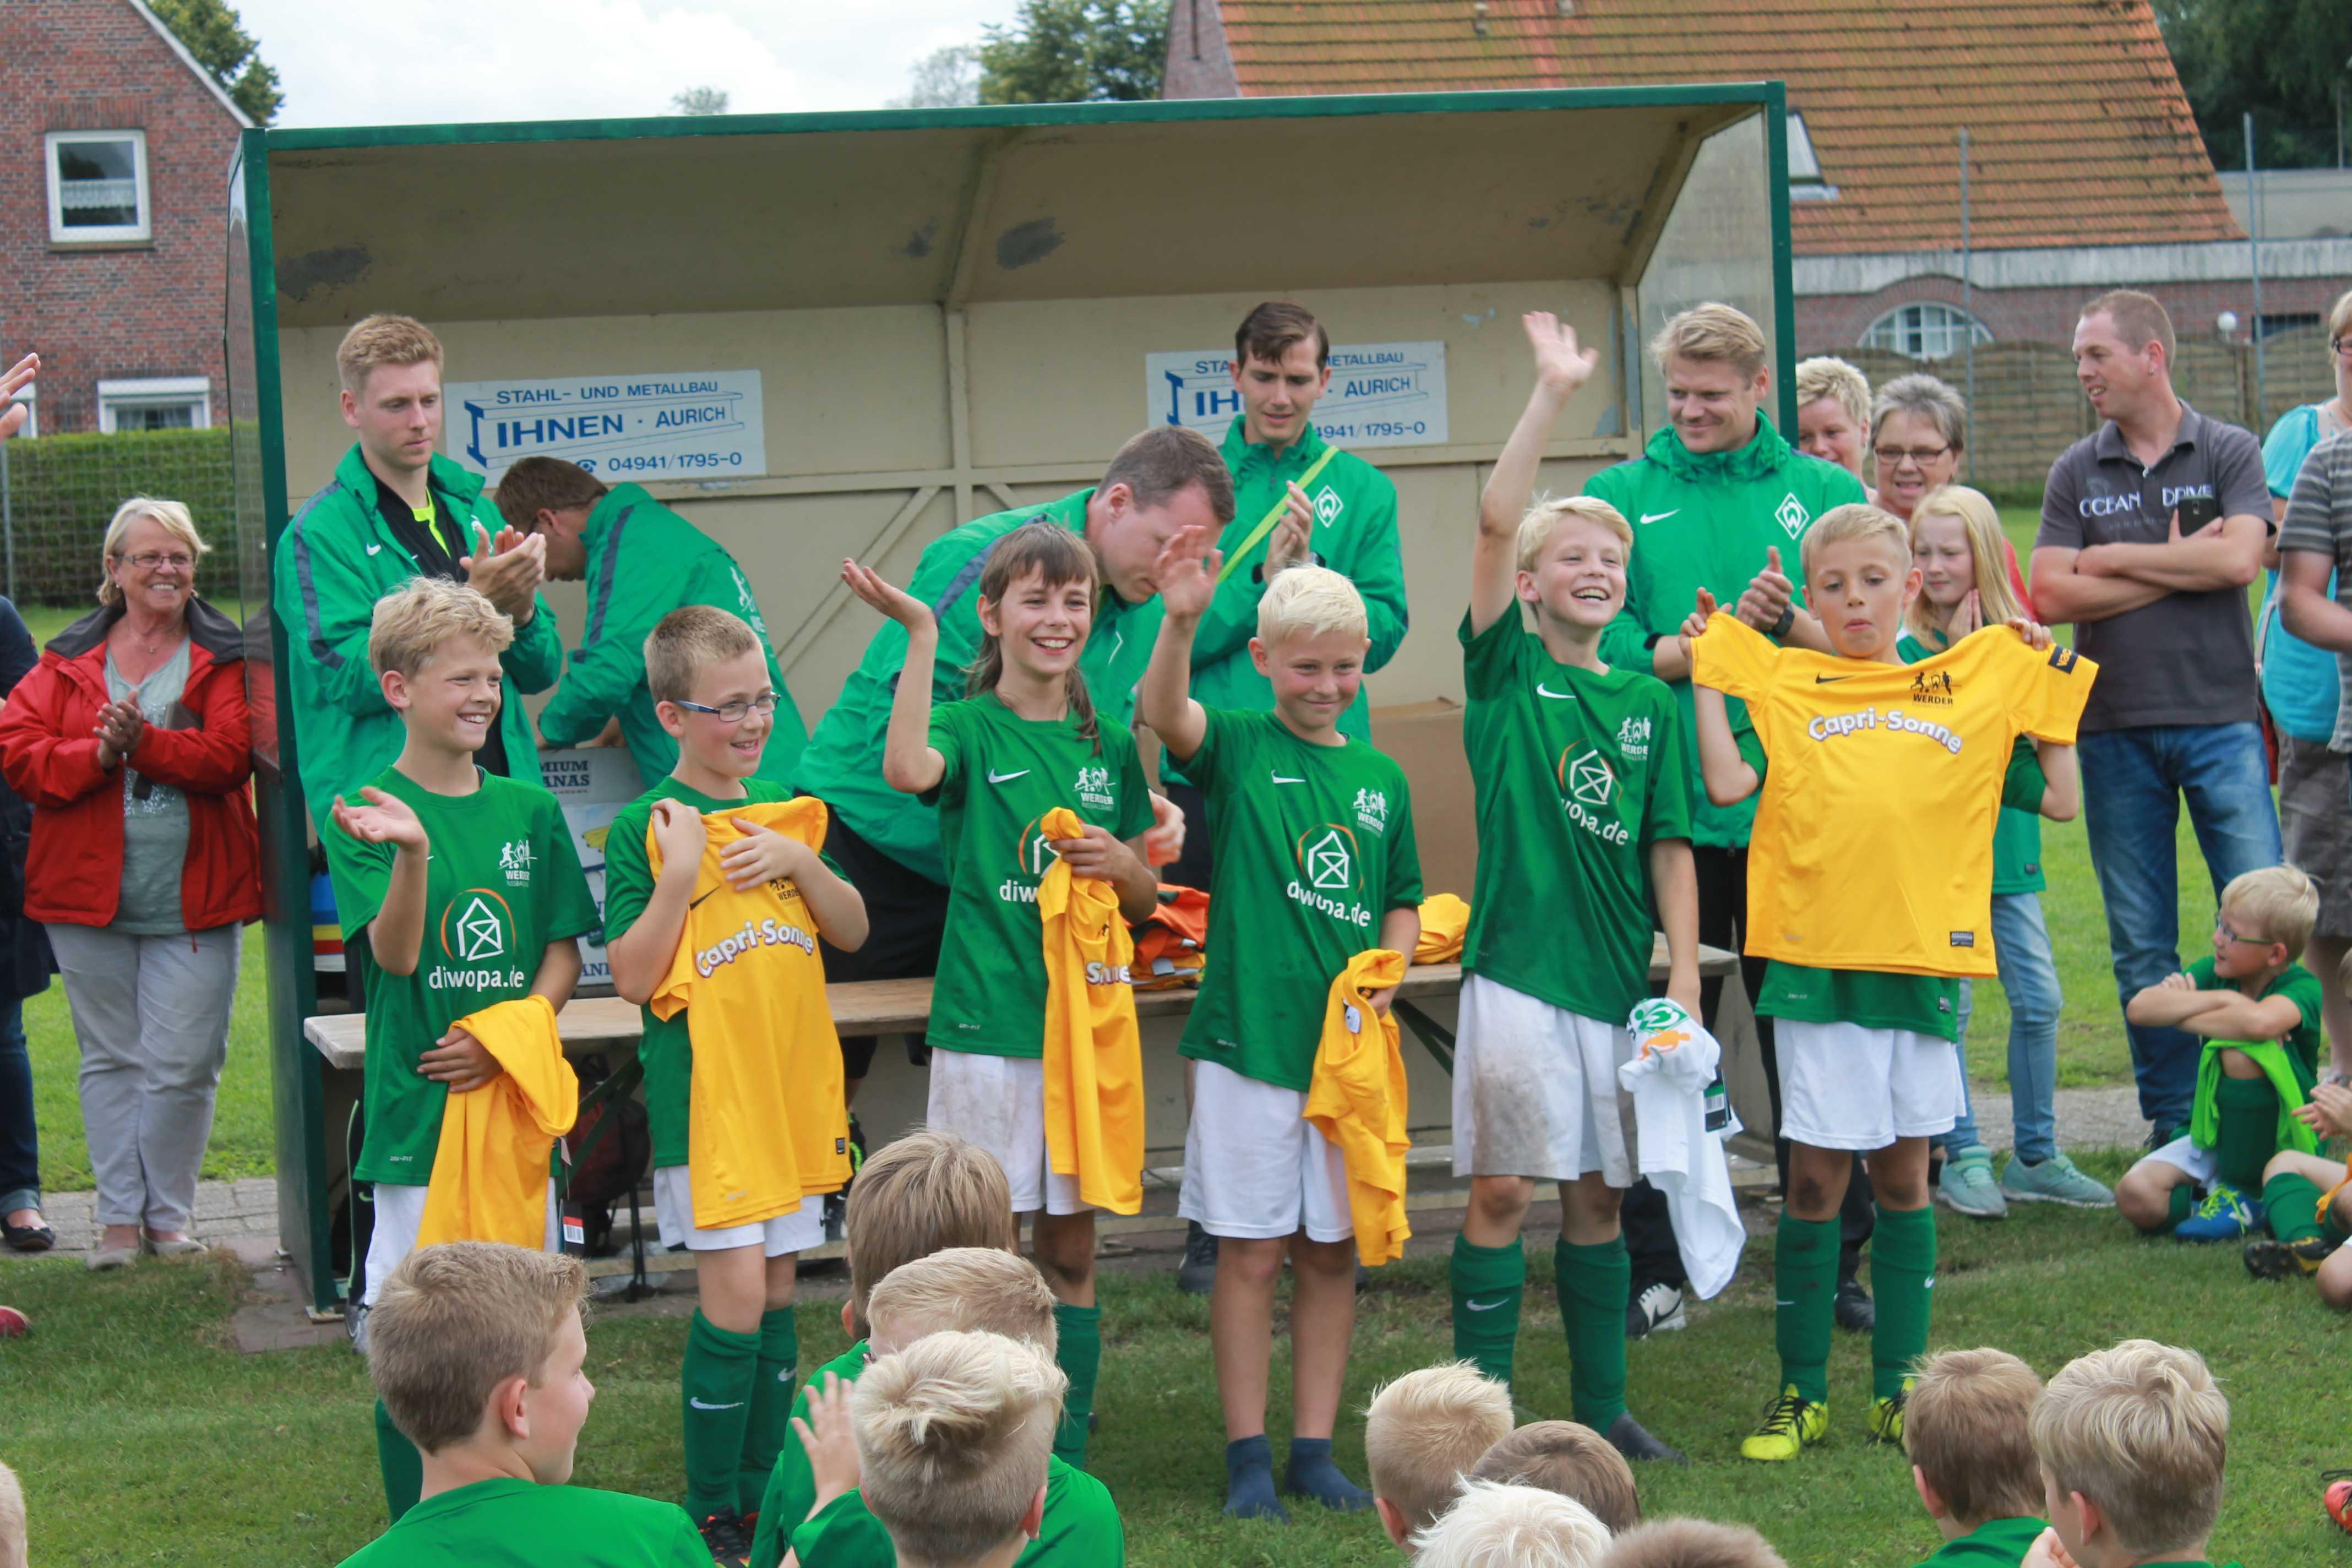 2016-08-14 Werder CAMPontour - Sonntag (119)